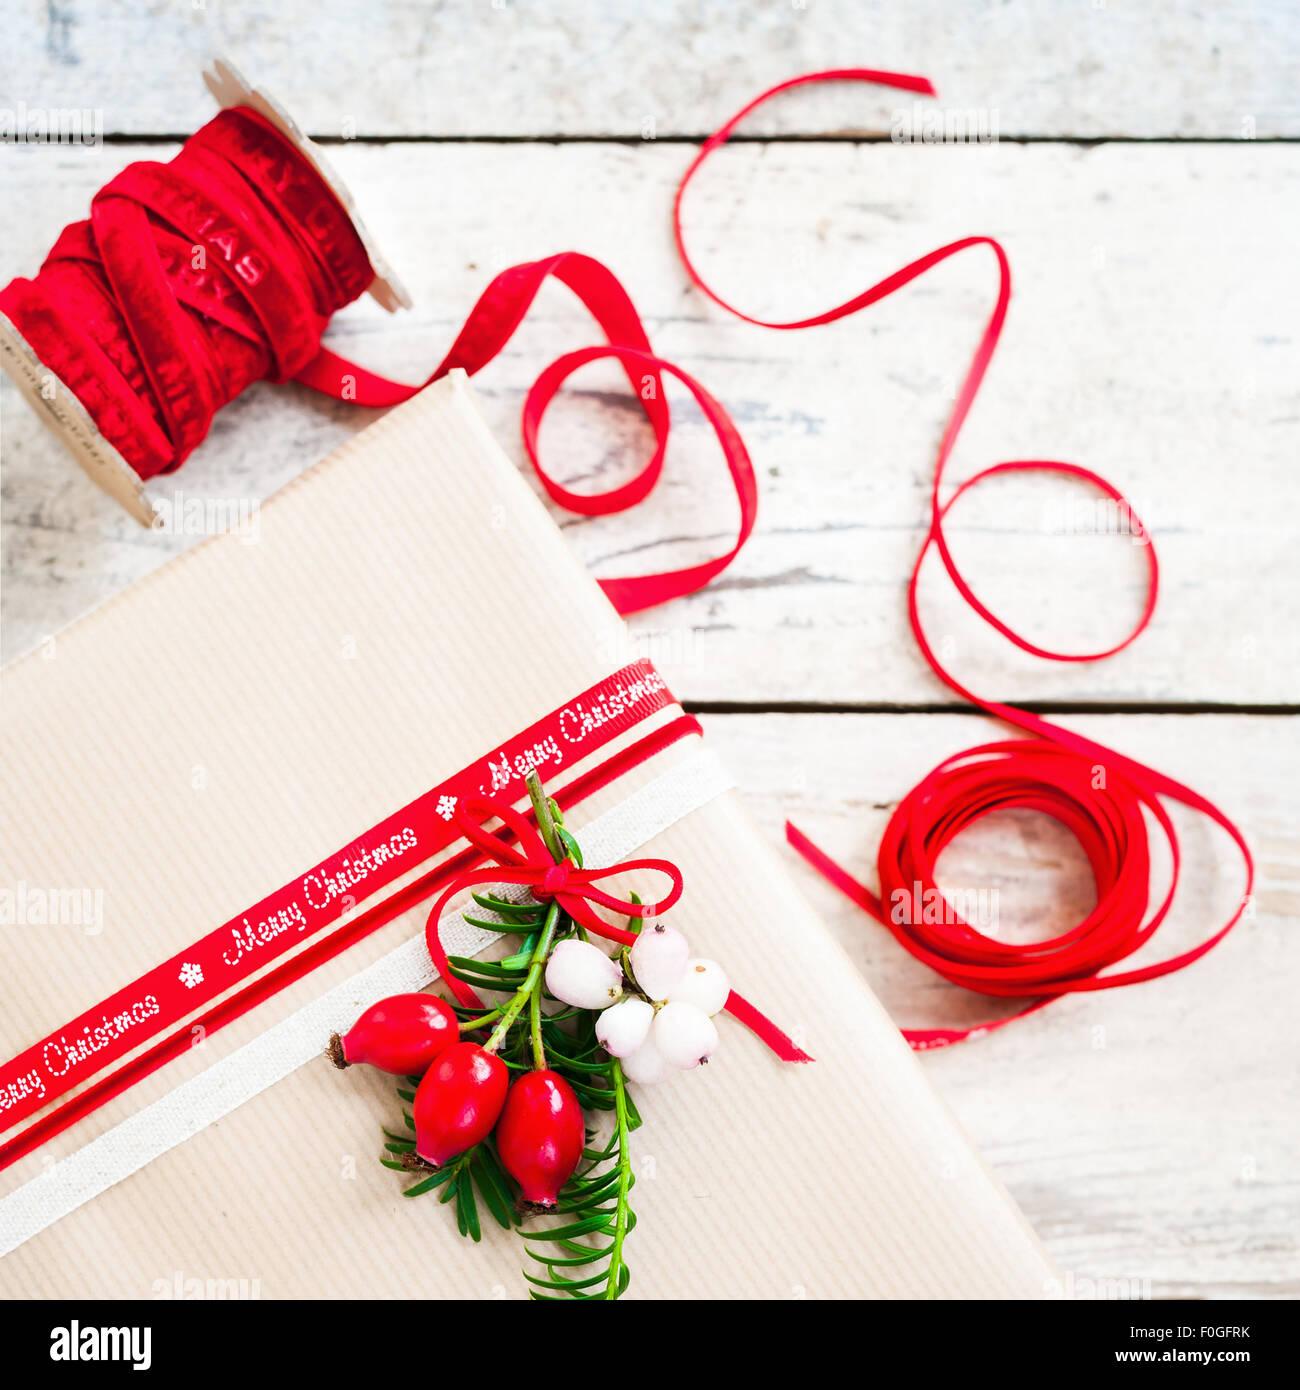 Simple envoltorio de regalo con papel marrón y decorado con una cinta roja y bayas Imagen De Stock